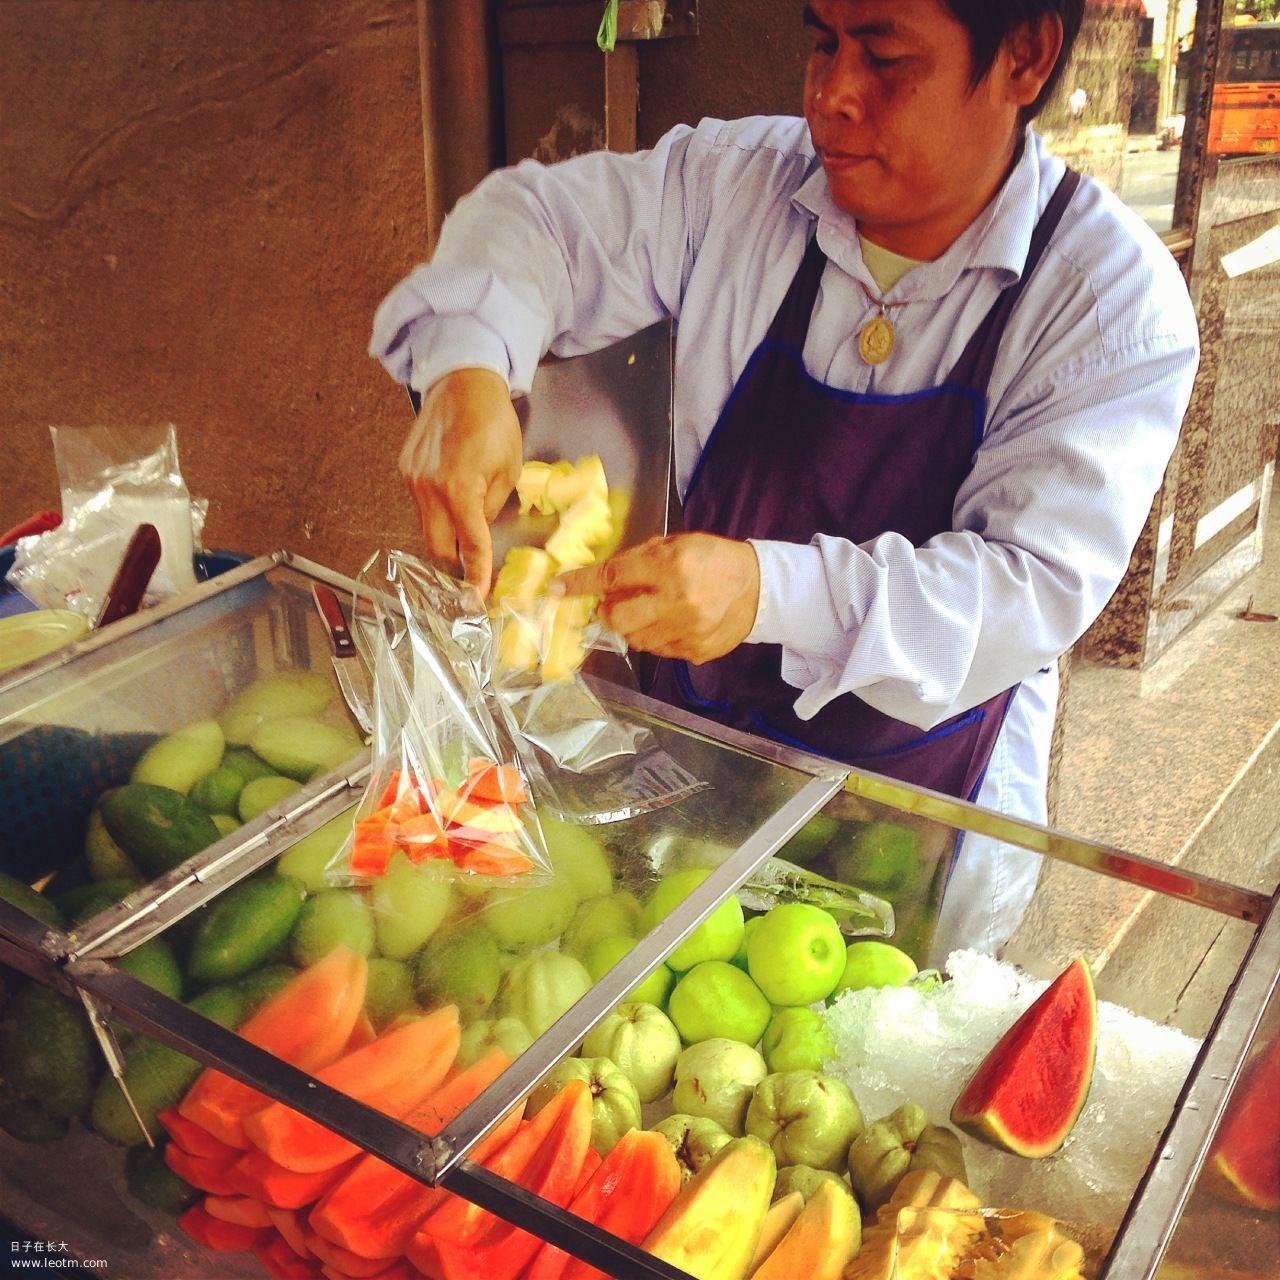 买水果的大叔,每种水果都是10泰铢一份